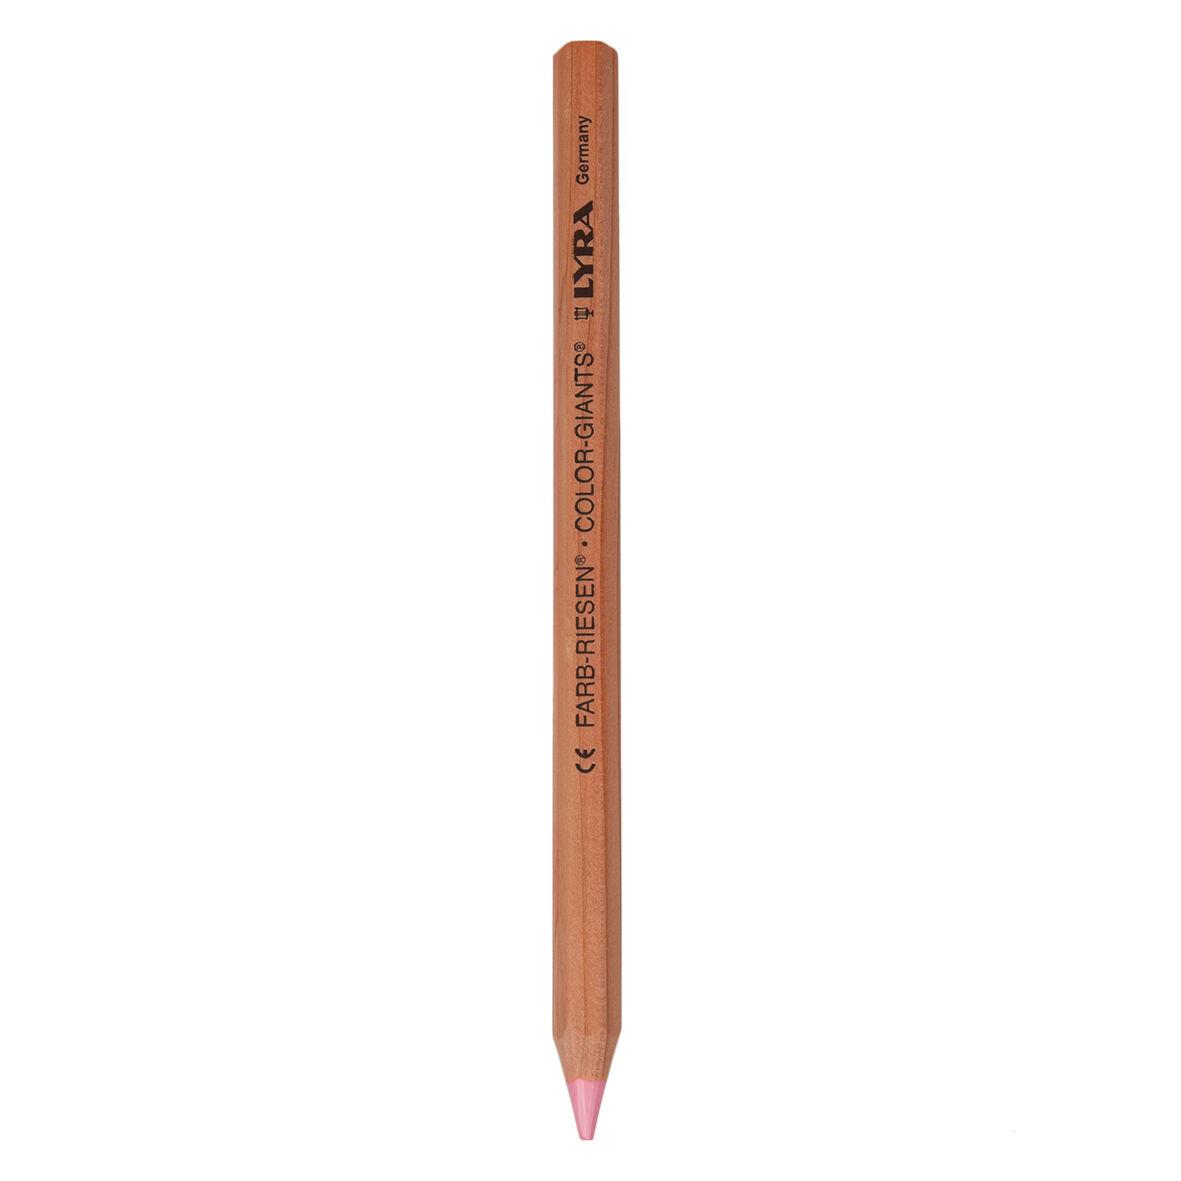 dille&kamille crayon de couleur, lilas